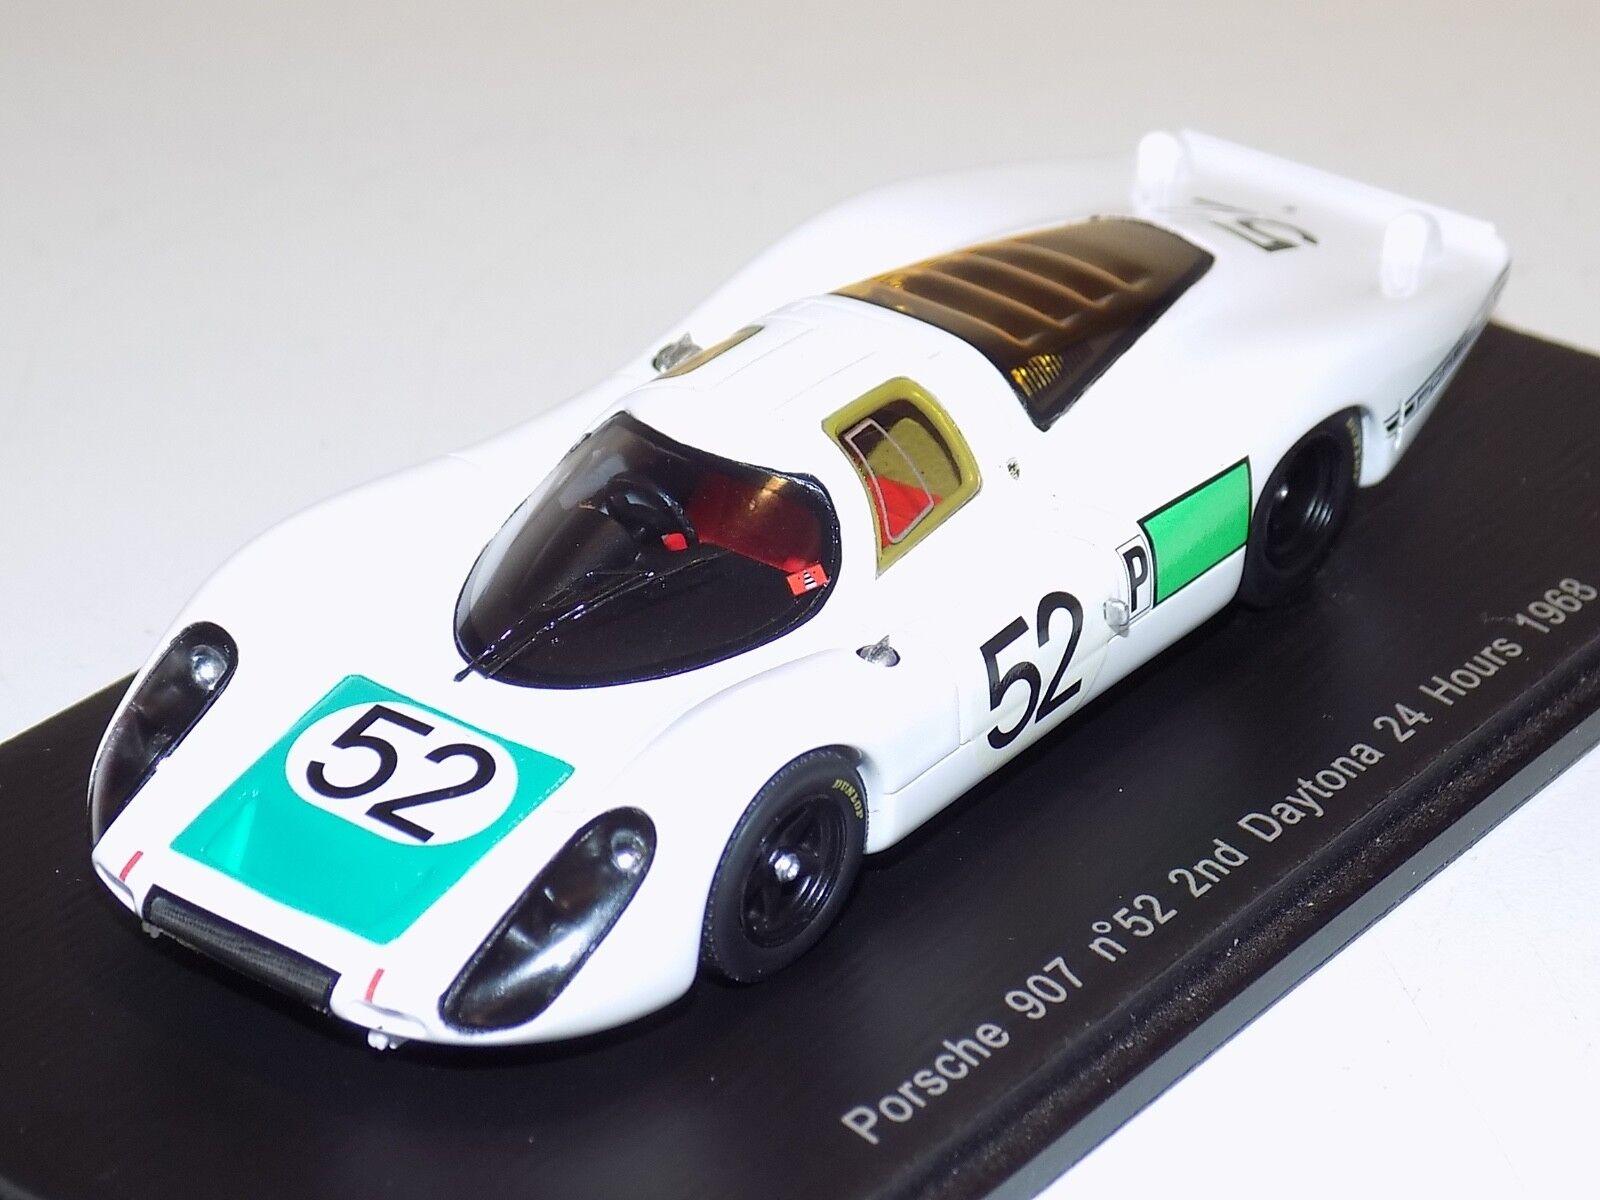 descuento de bajo precio 1 43 Spark Porsche Porsche Porsche 907 coche  52 2nd lugar en 24 horas de Daytona 1968 S2985  tiempo libre